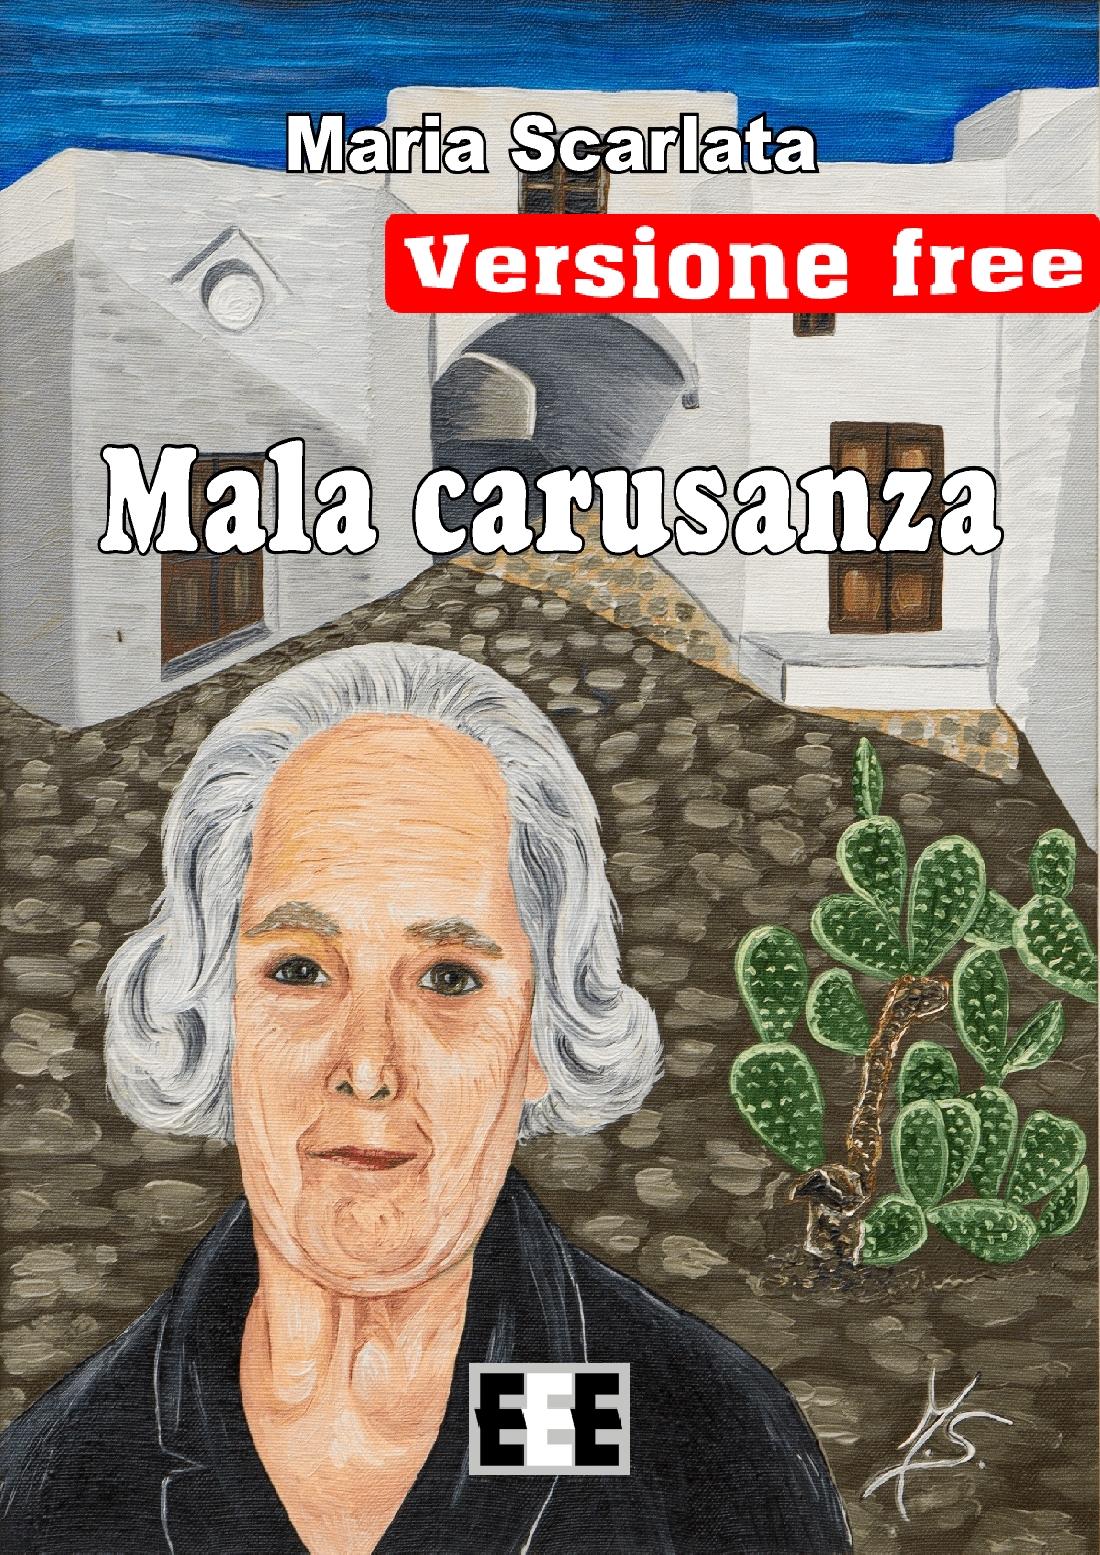 CARUSANZA_SCARLATA_FREE